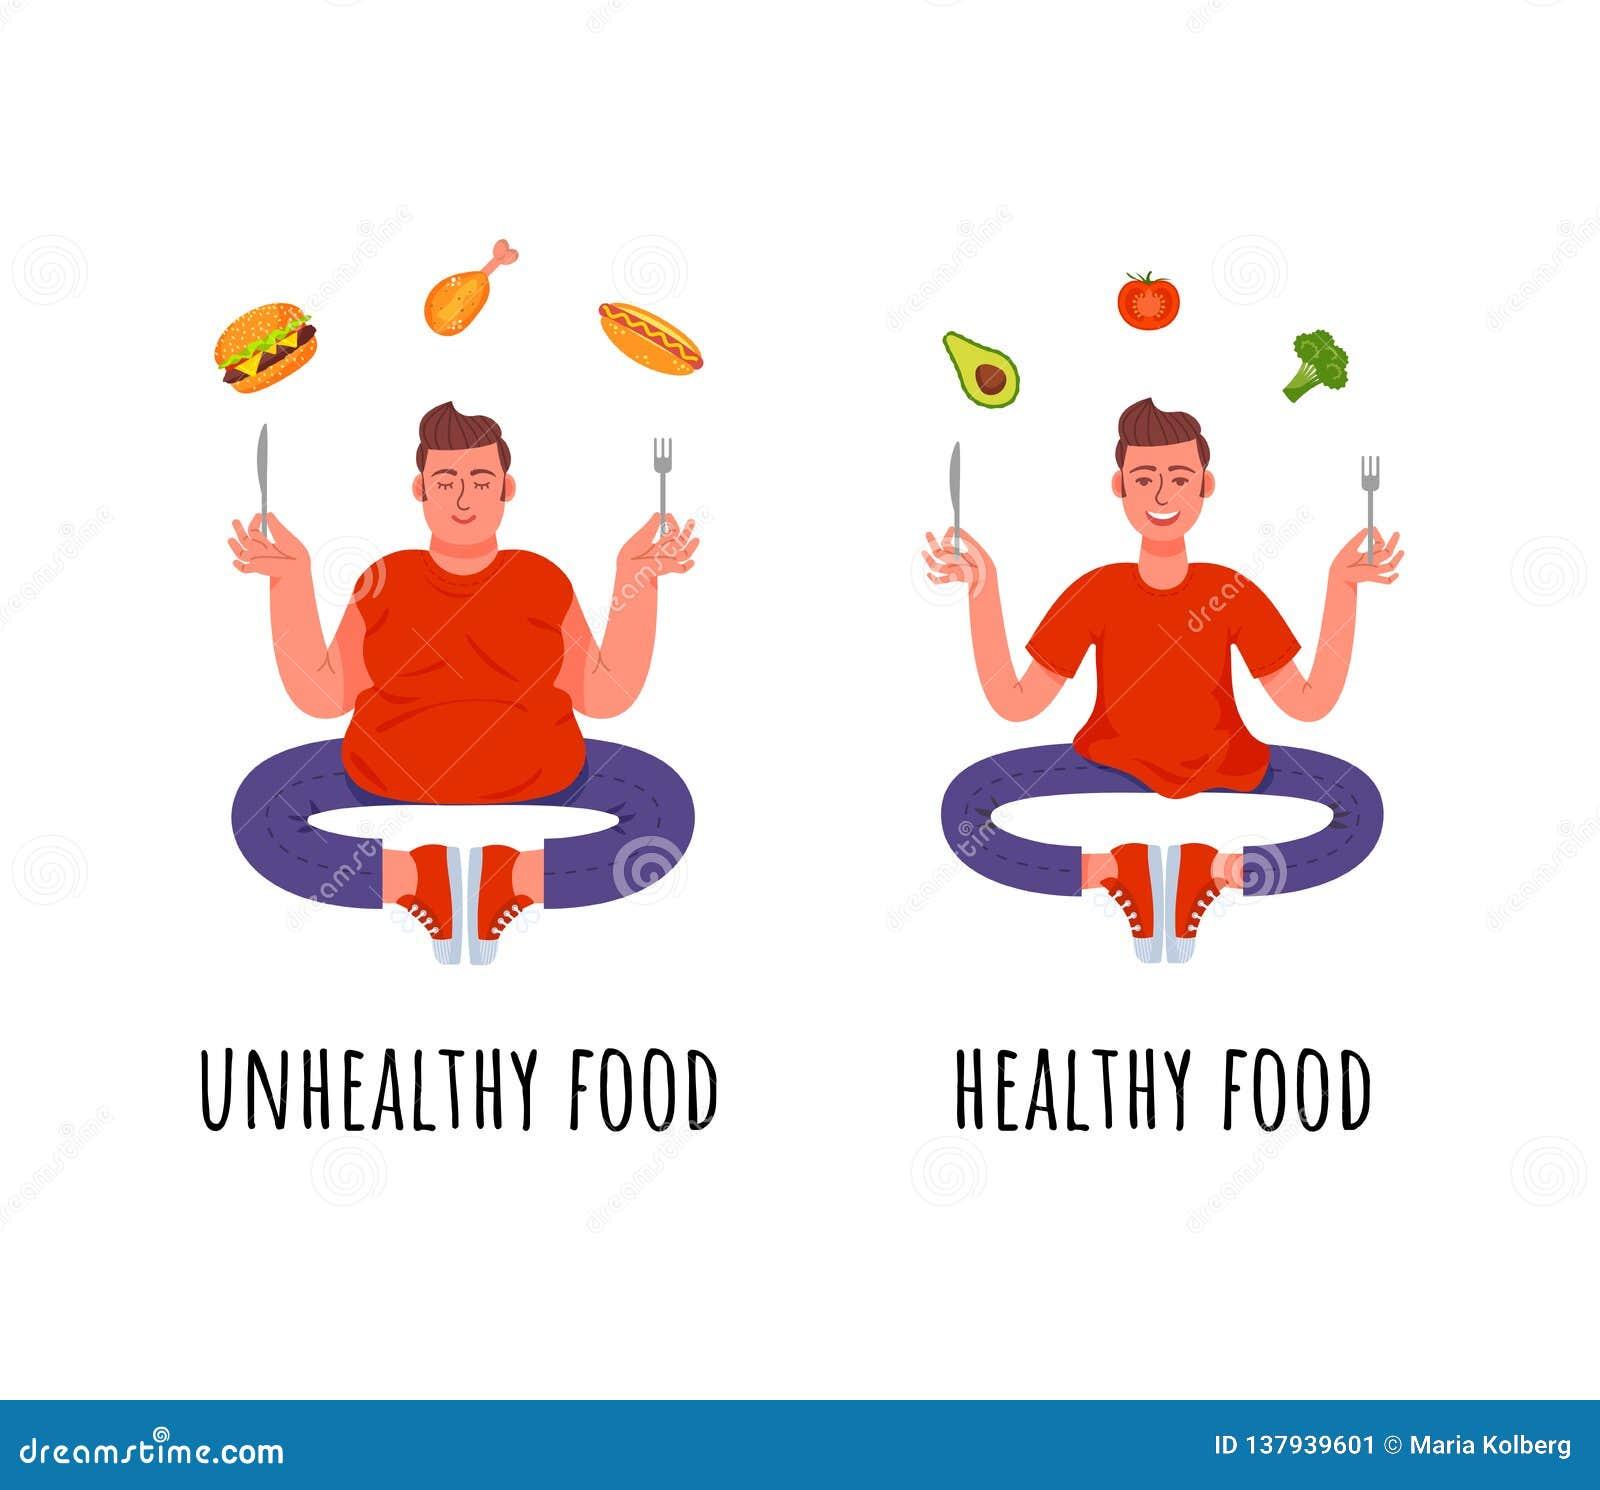 Ένα άτομο με ένα υγιές γεύμα και ένα άτομο με ένα άχρηστο φαγητό